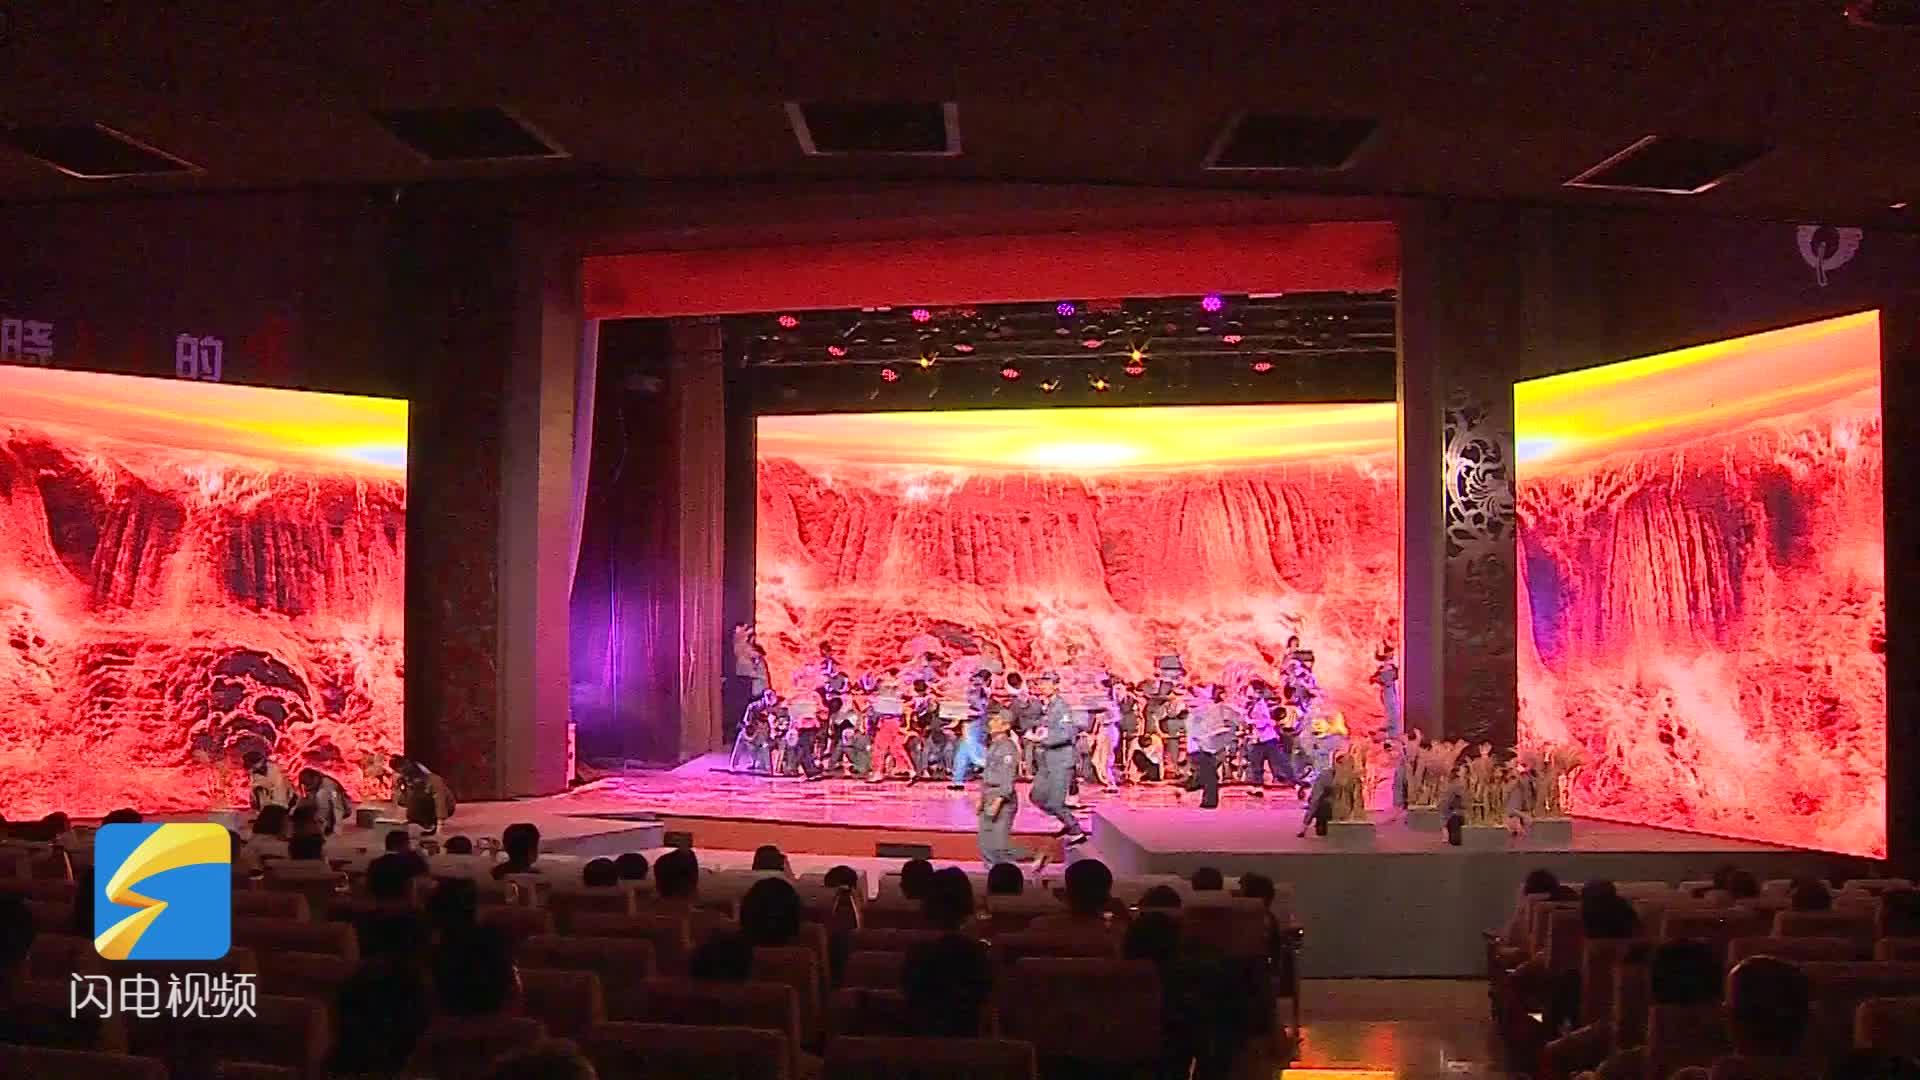 重温革命历史,缅怀革命先烈 德州市陵城区《薪火》首演